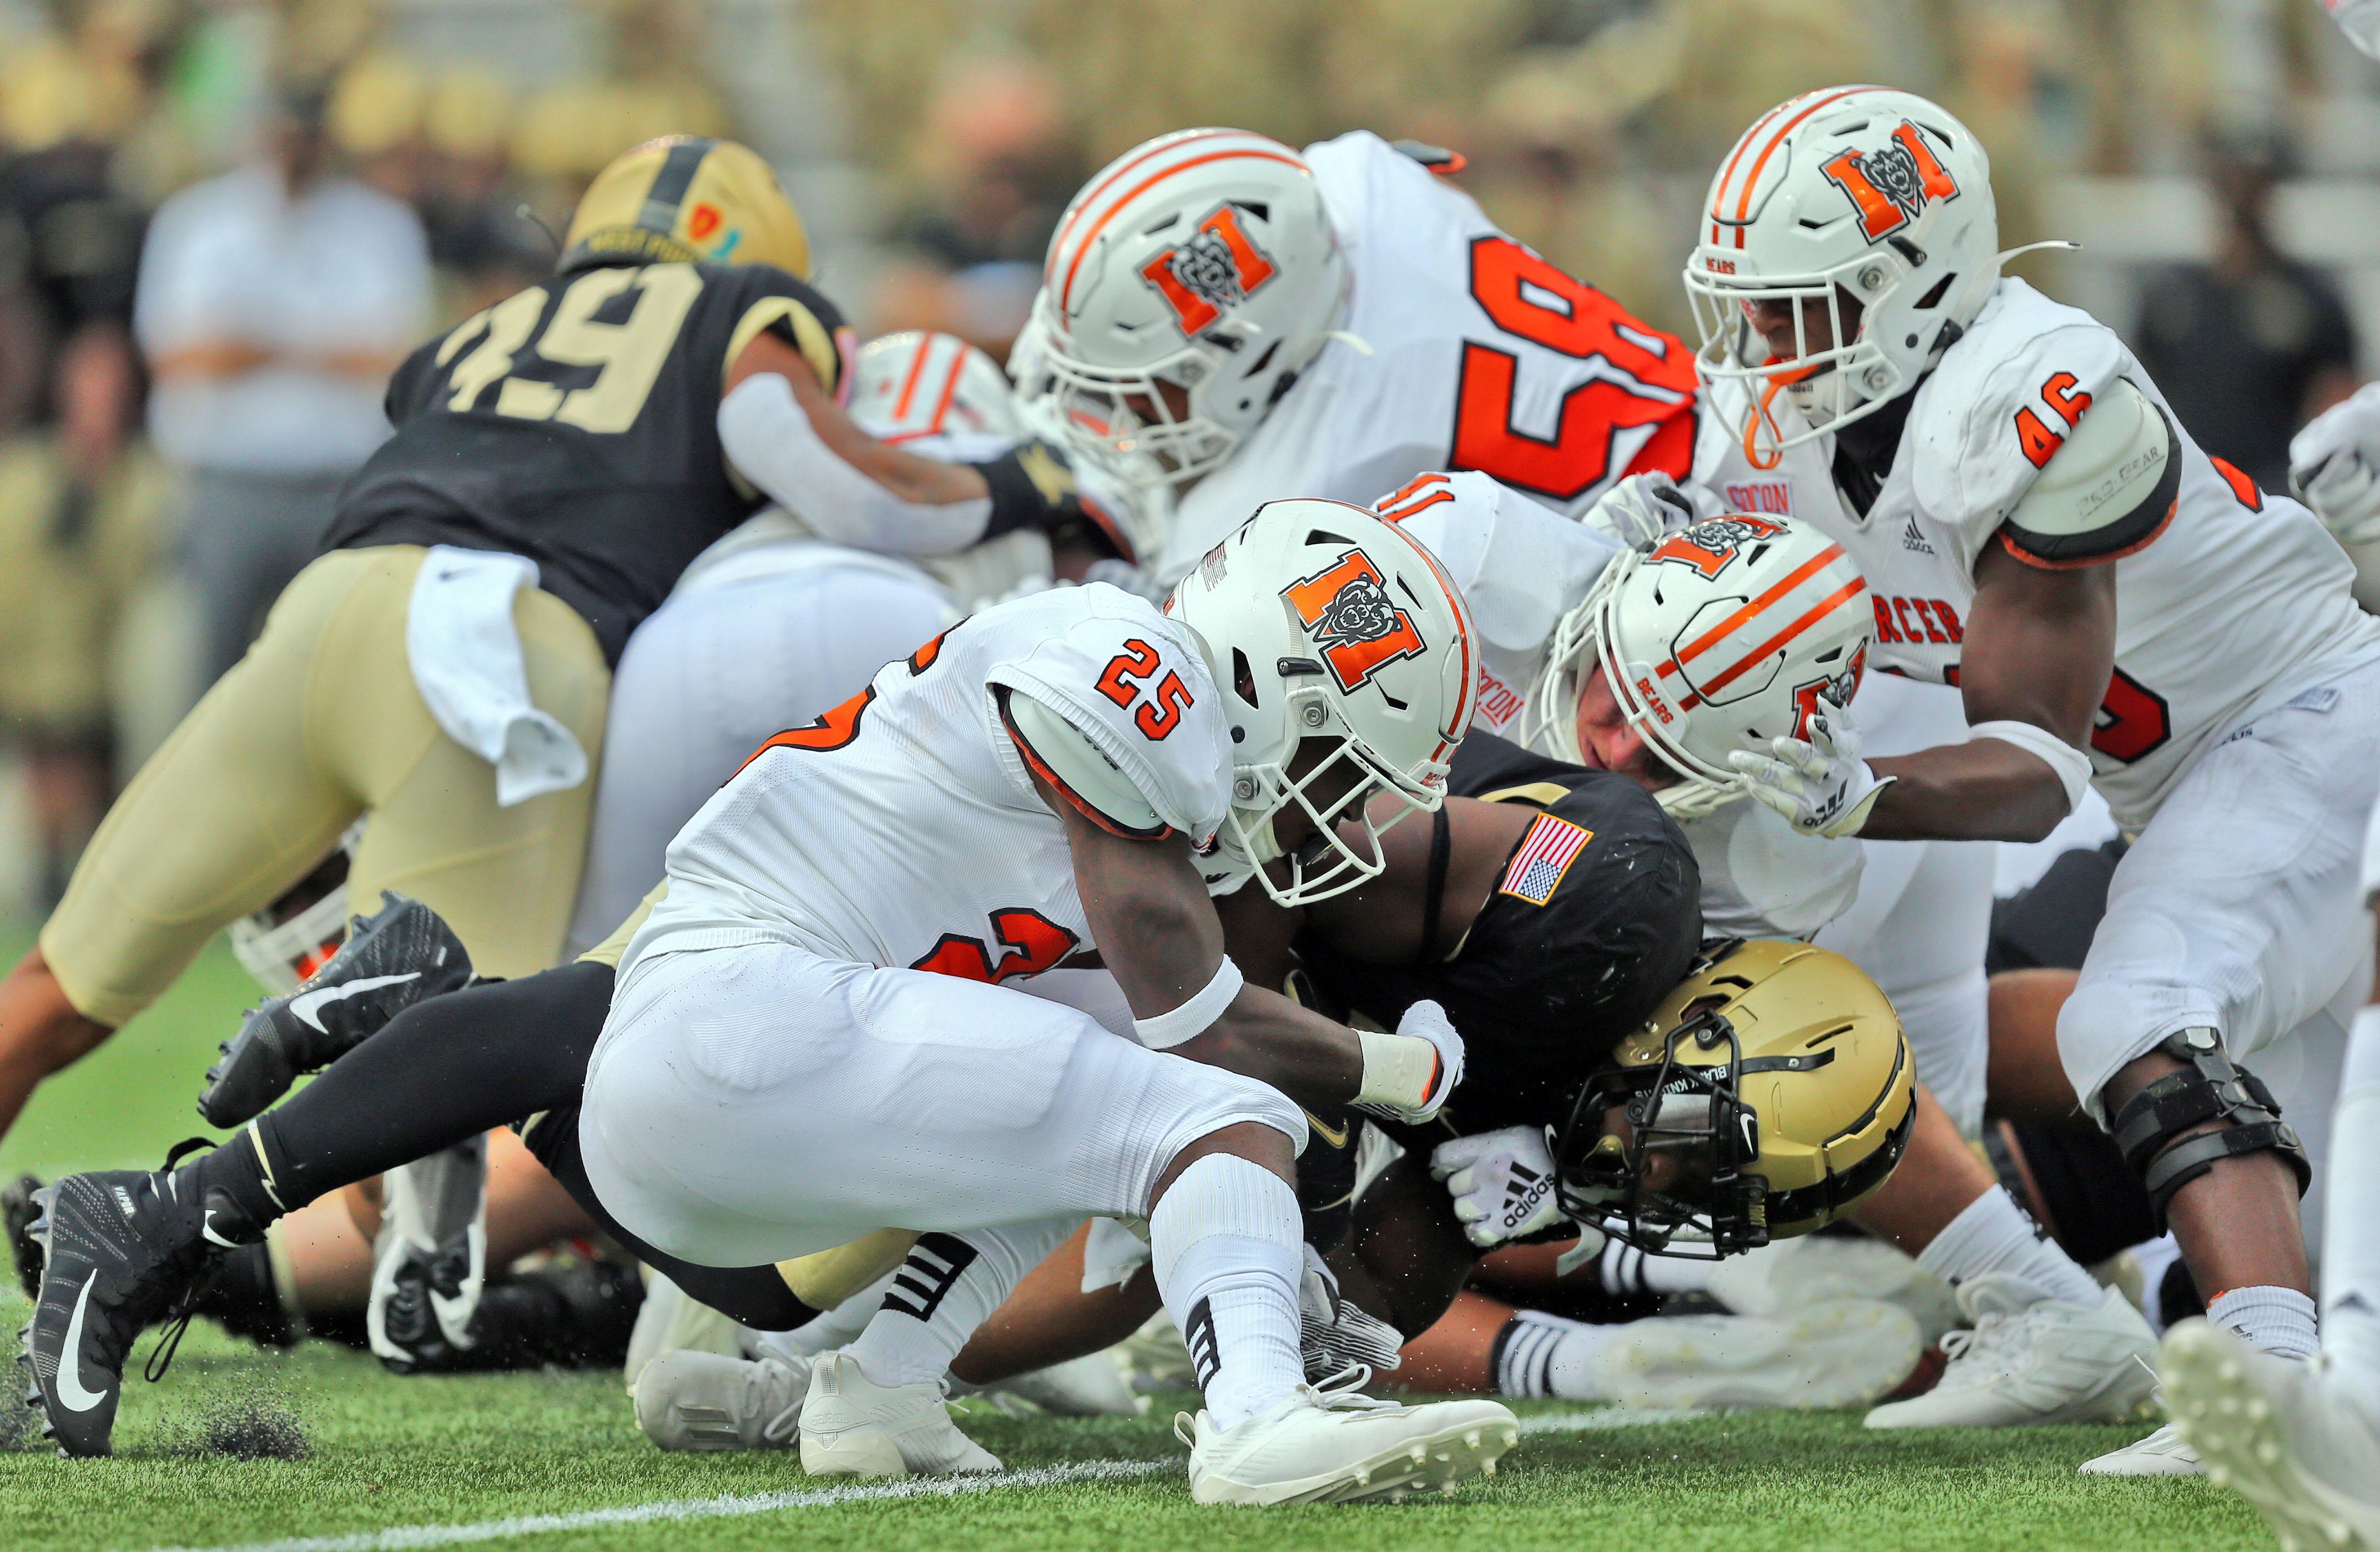 NCAA Football: Mercer at Army